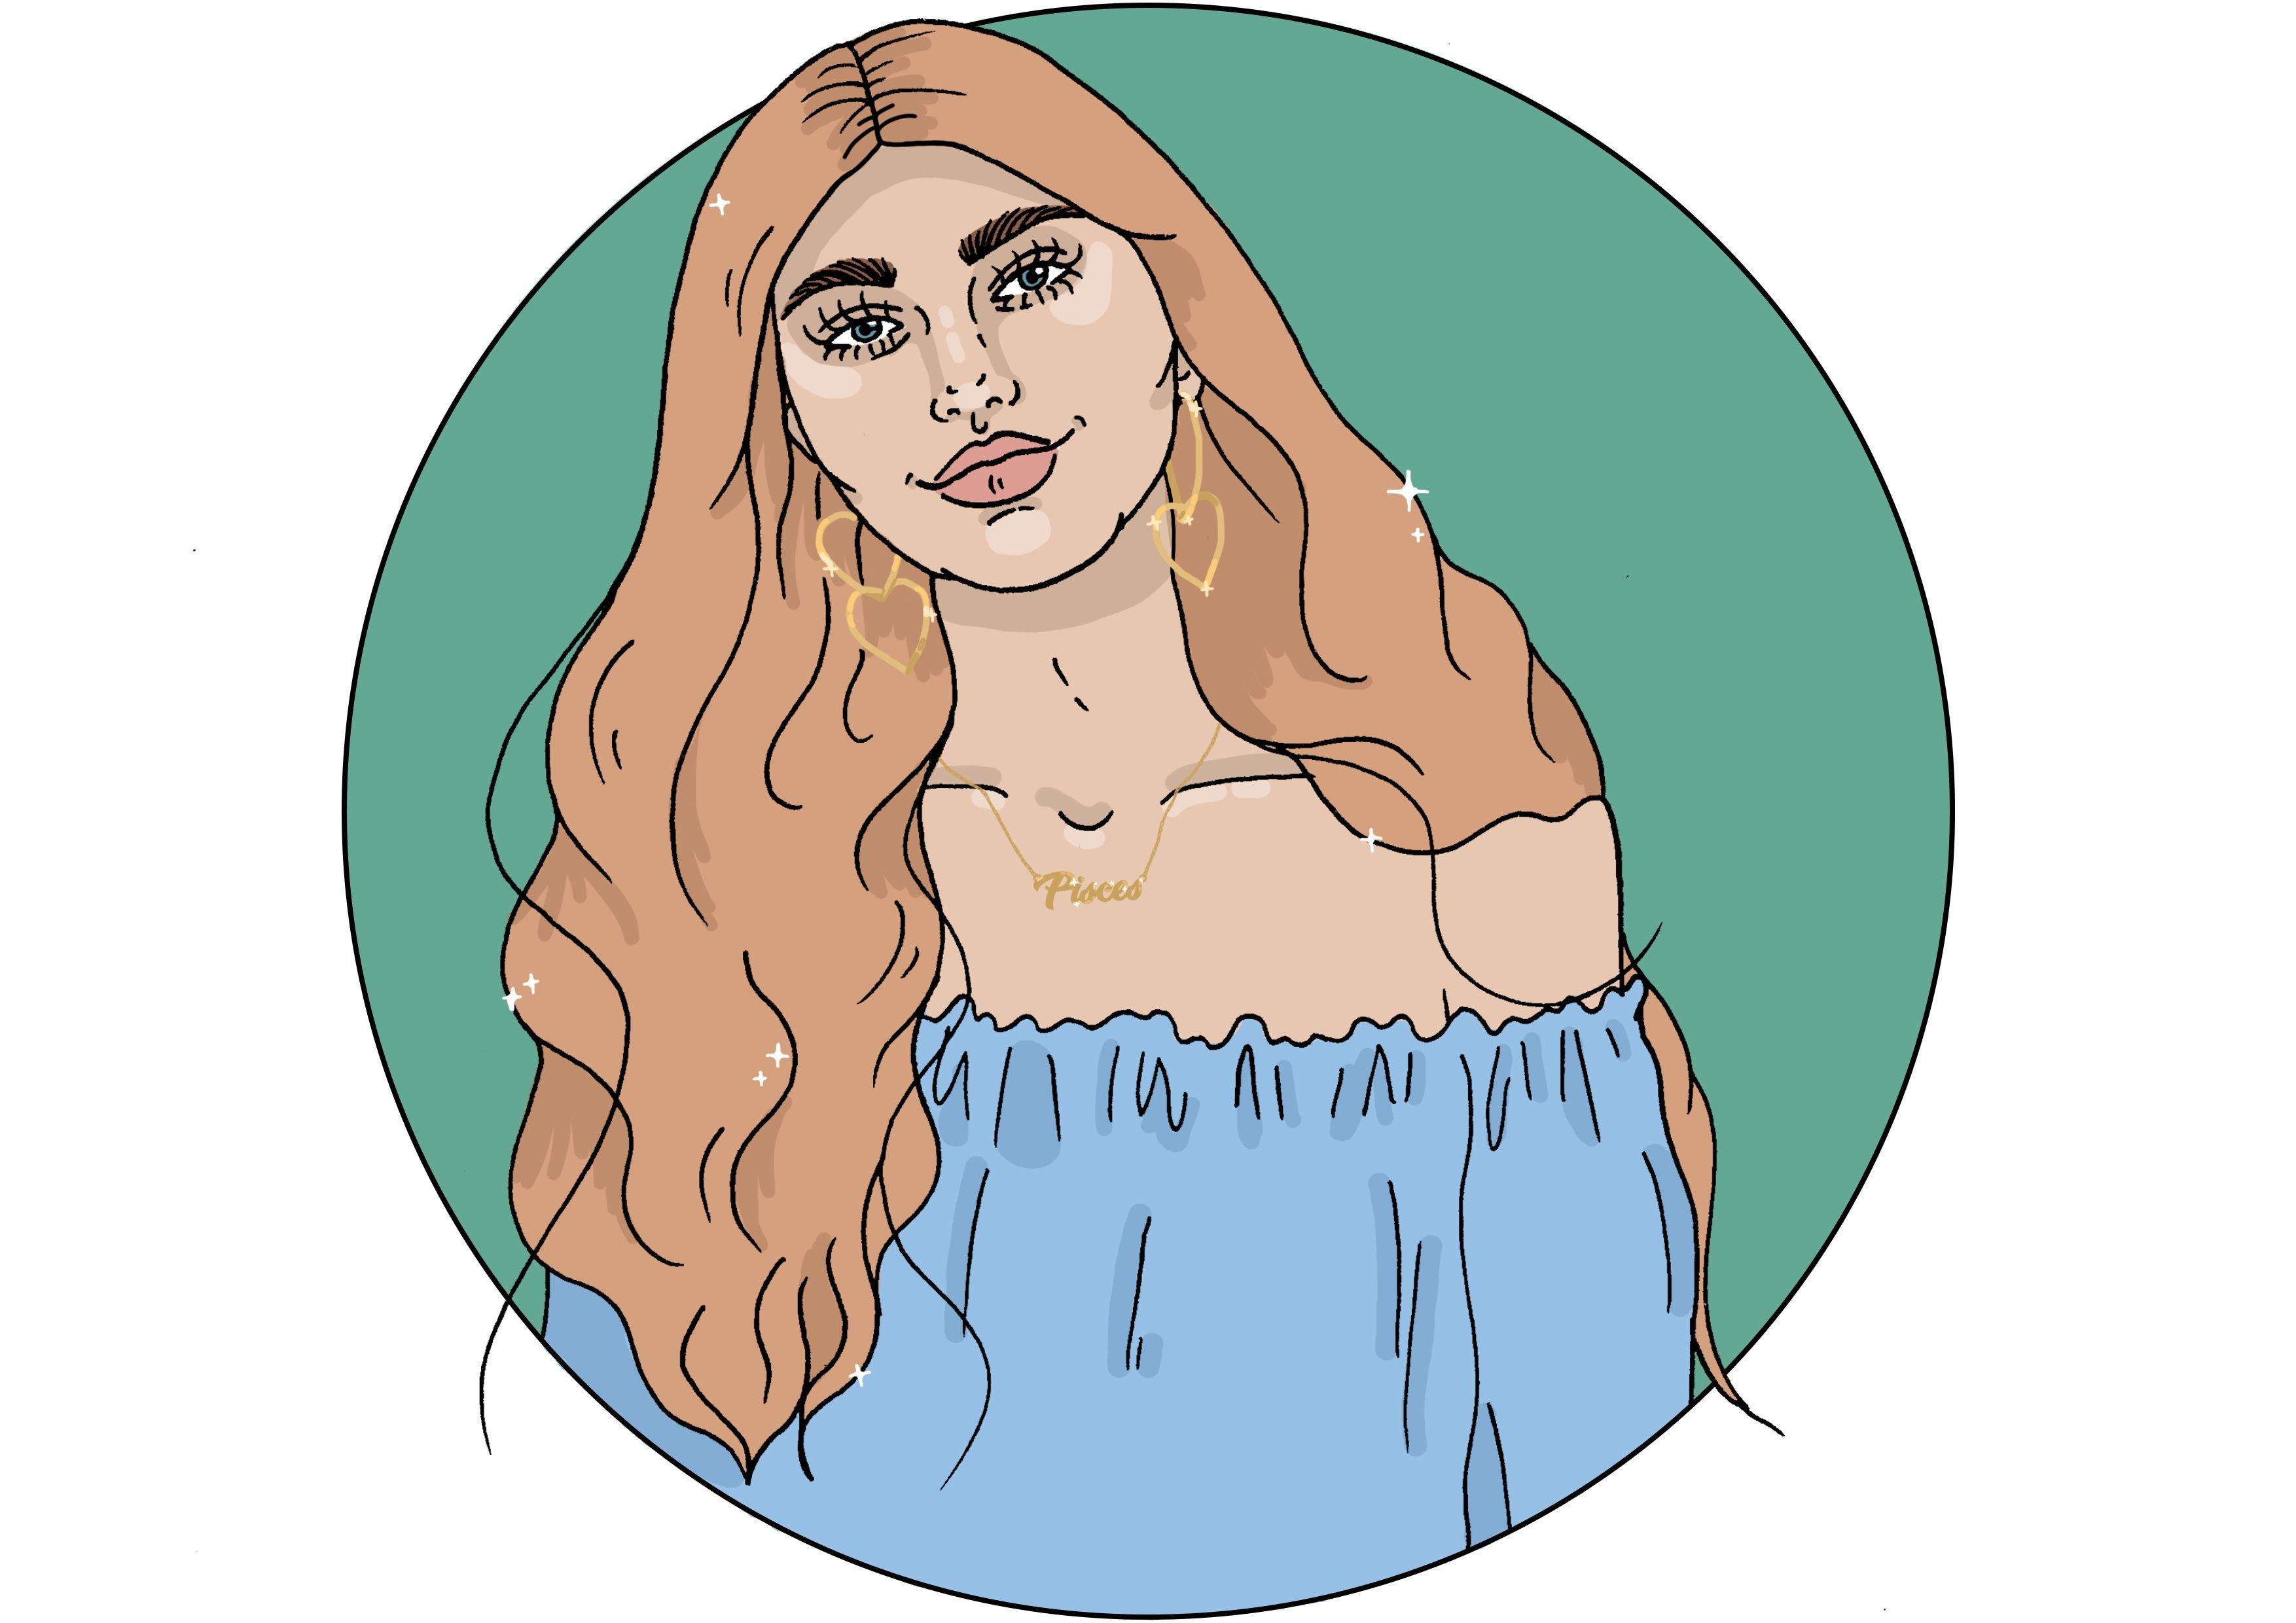 Image may contain: Drawing, Art